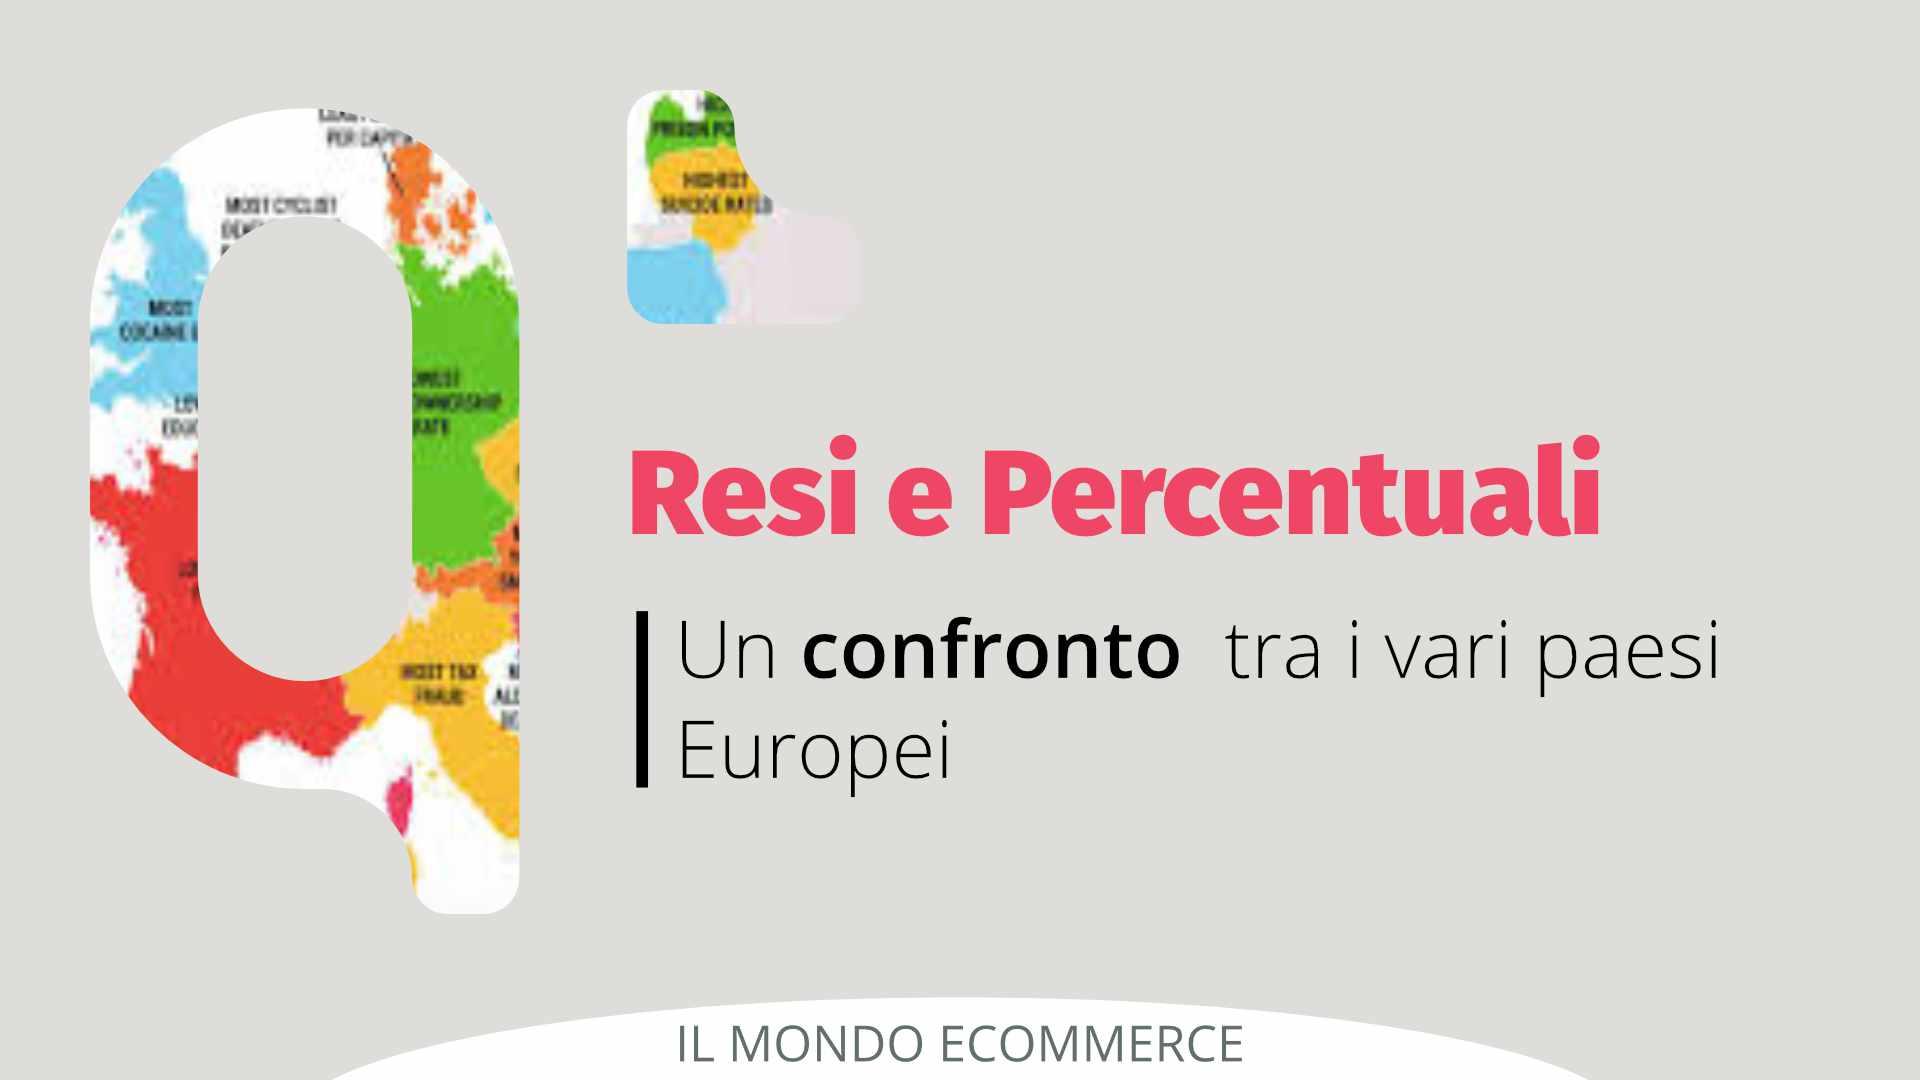 Resi e percentuali: un confronto tra i Paesi Europei